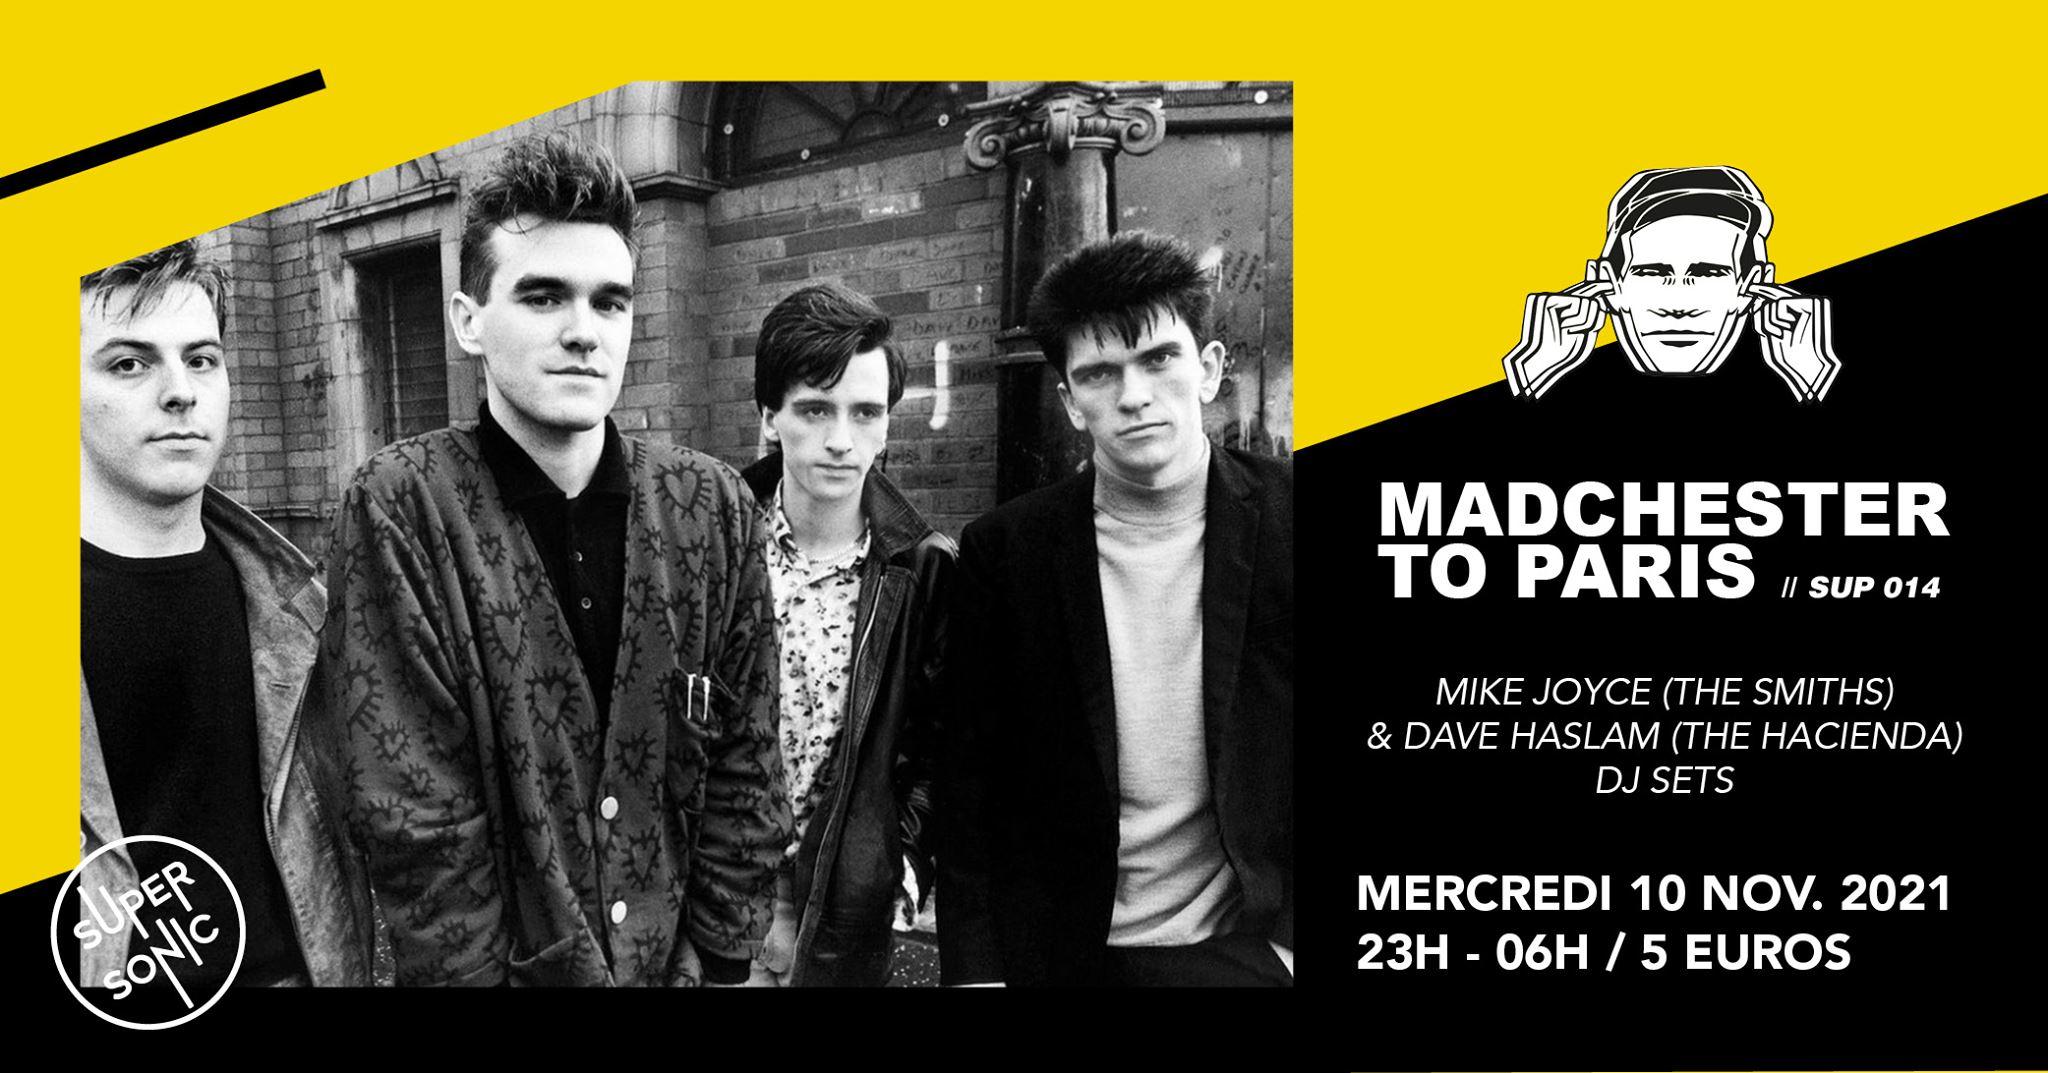 News – Soirée Madchester to Paris — Mike Joyce (The Smiths) & Dave Haslam (Haçienda)